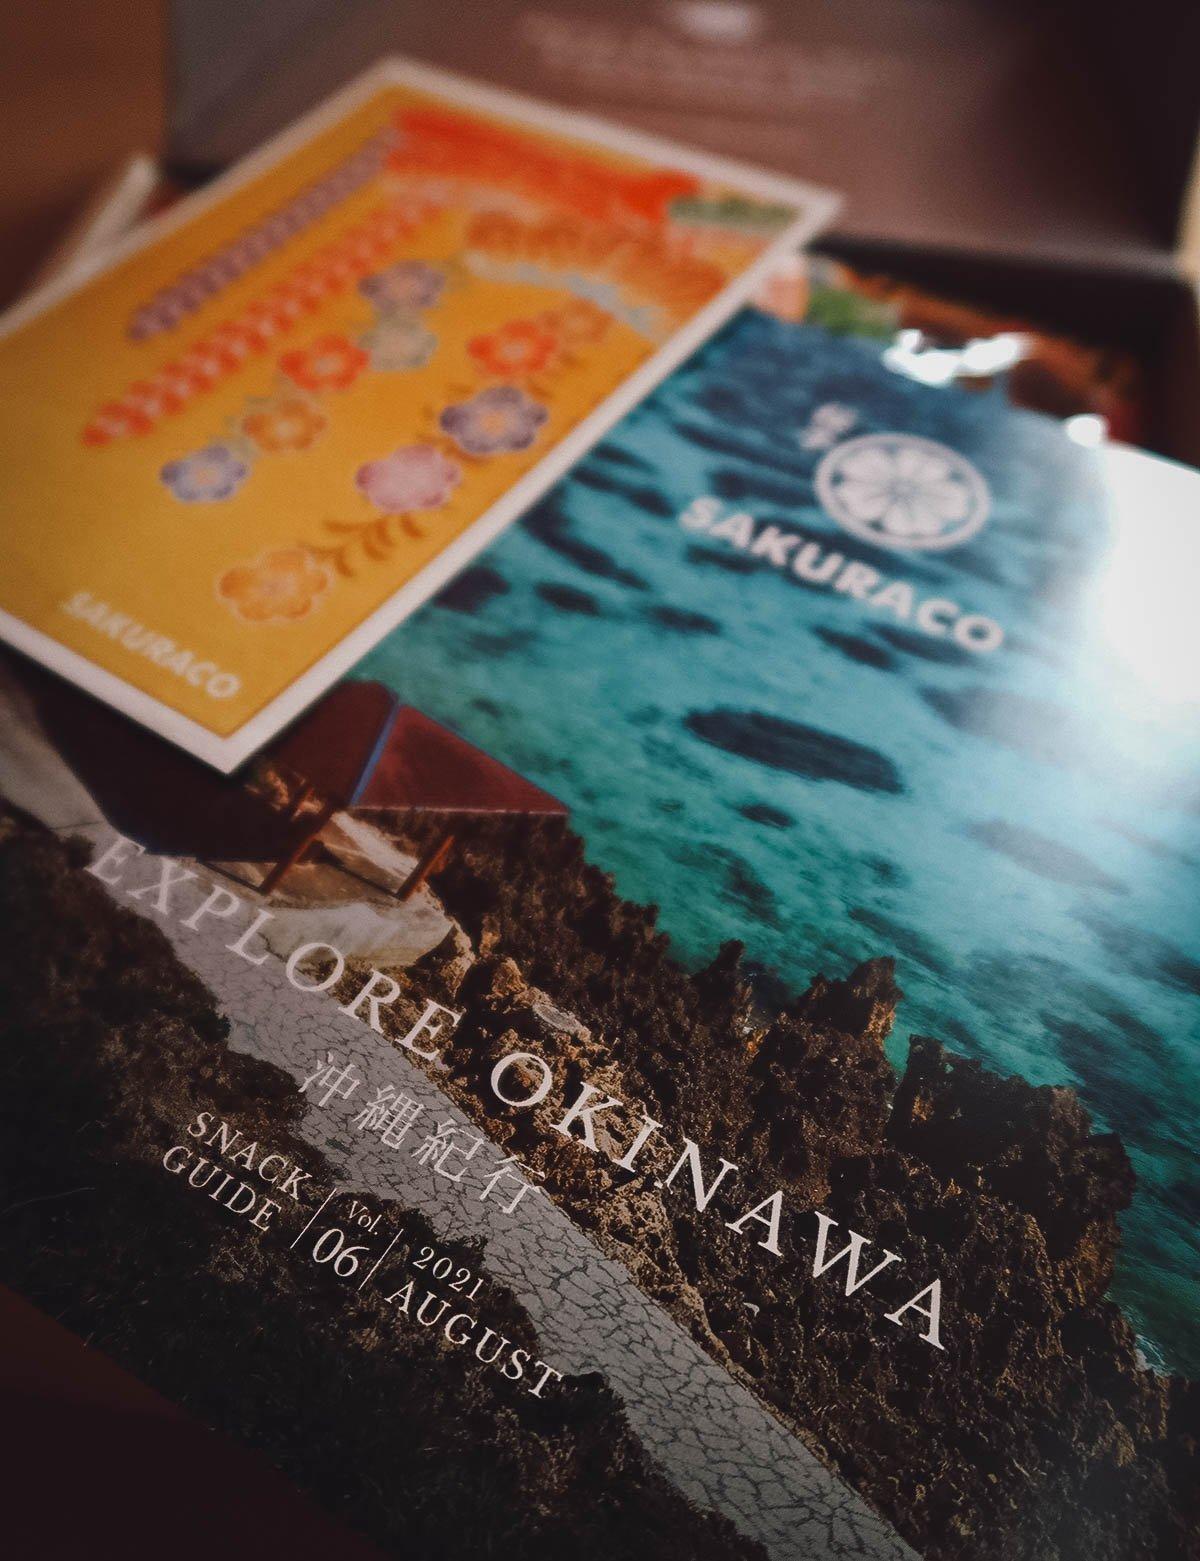 Sakuraco booklet cover